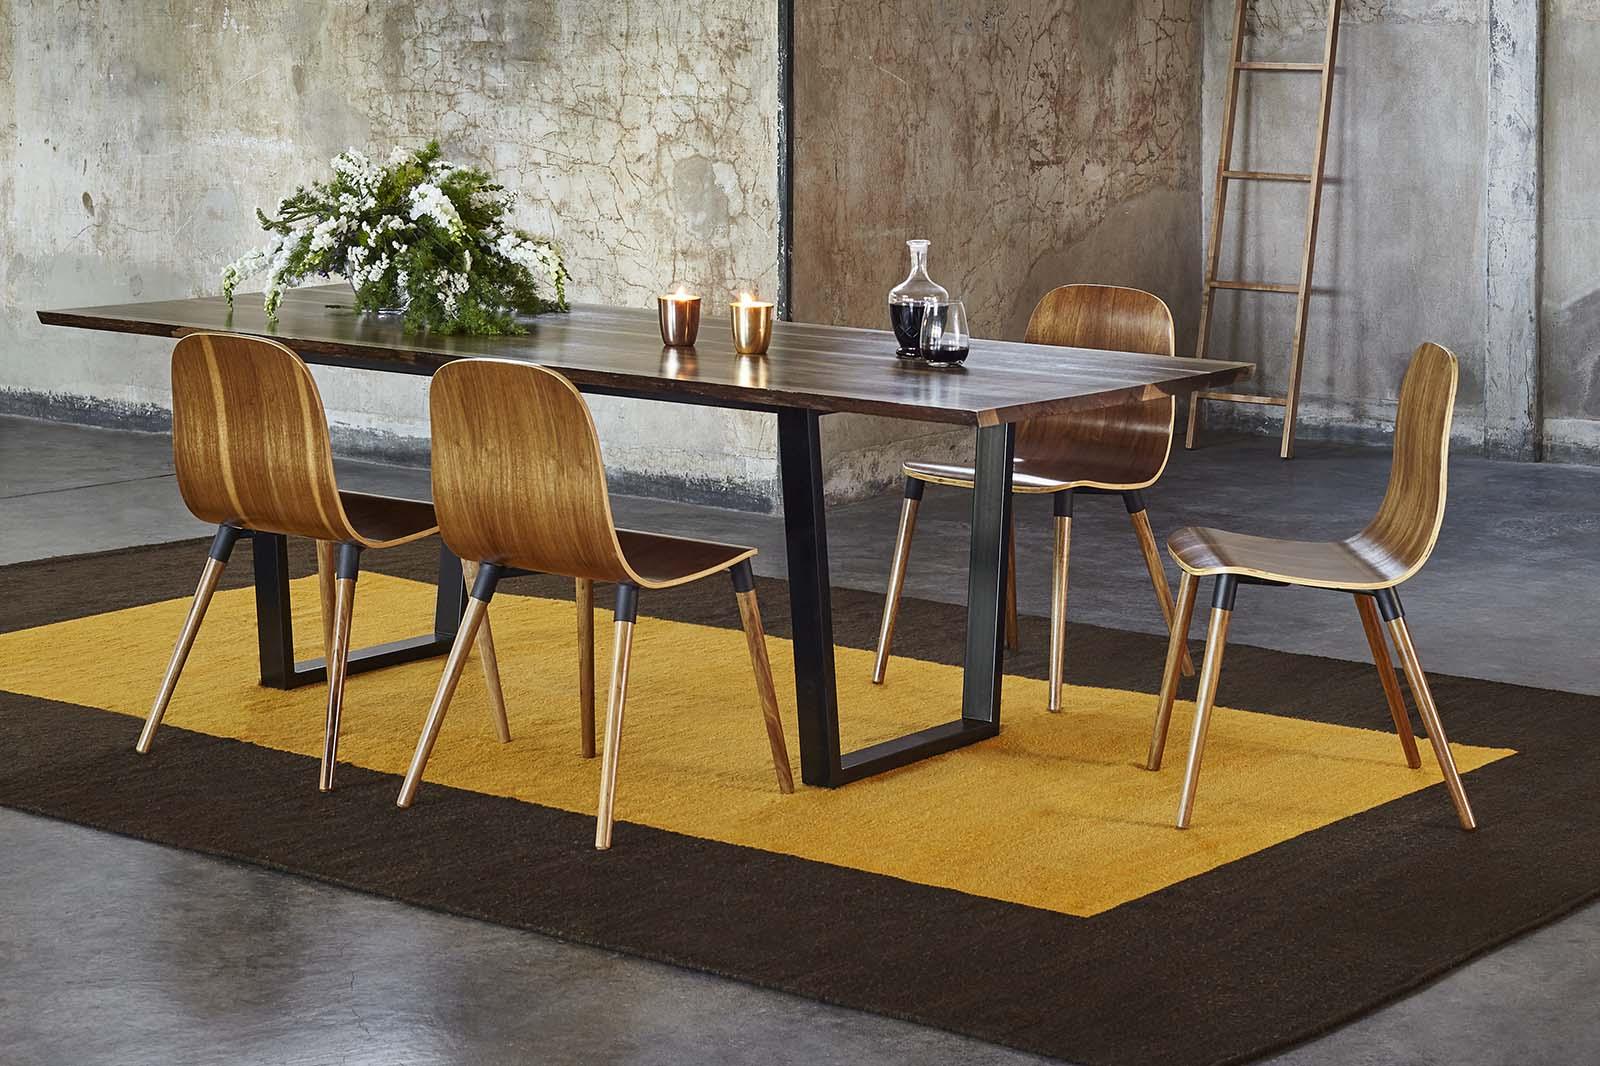 Juegos de comedor - Unimate mobiliario moderno para tu casa